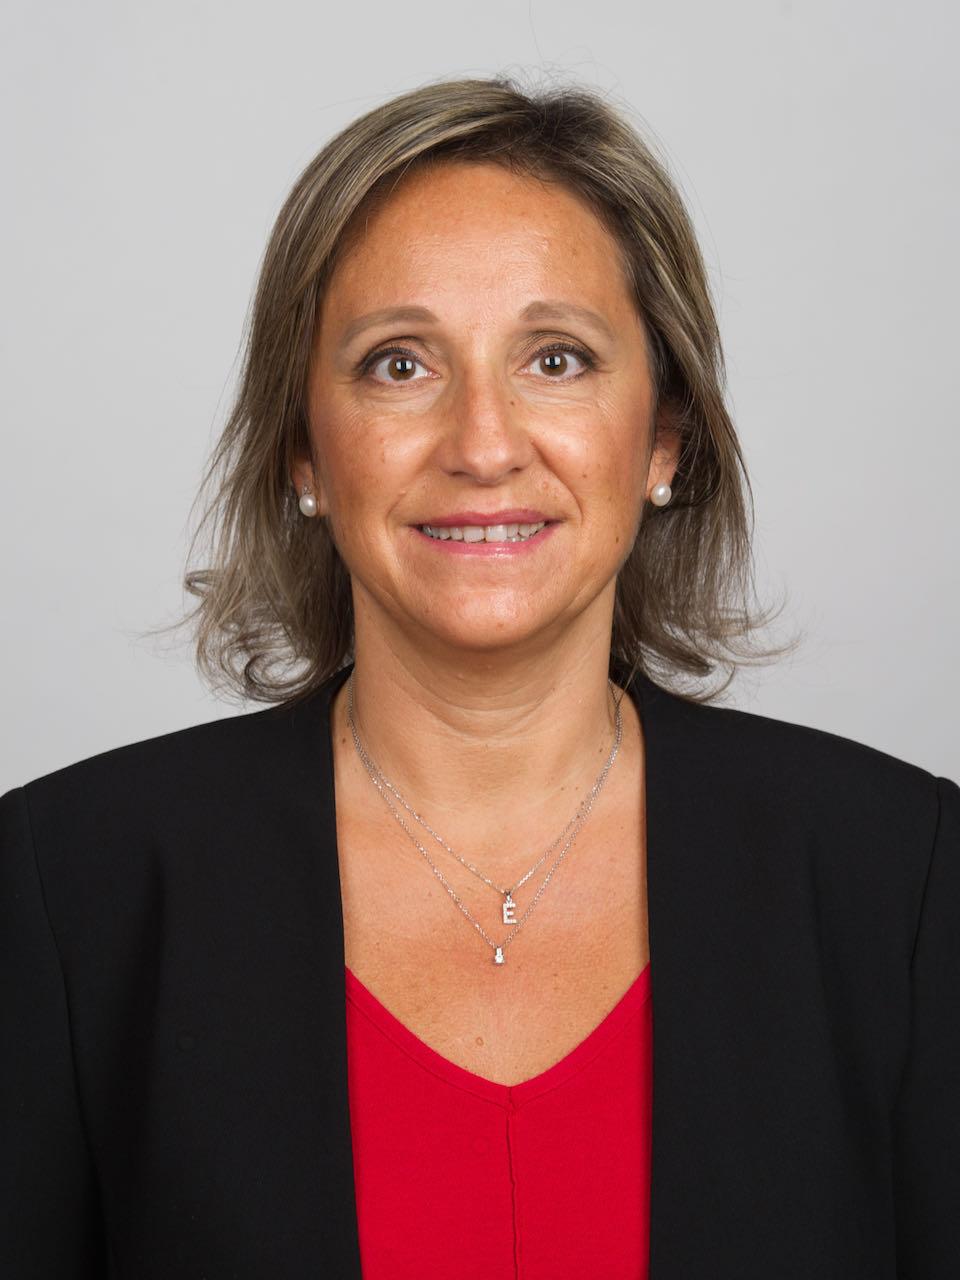 Sra. Estrella Vicente Peccis